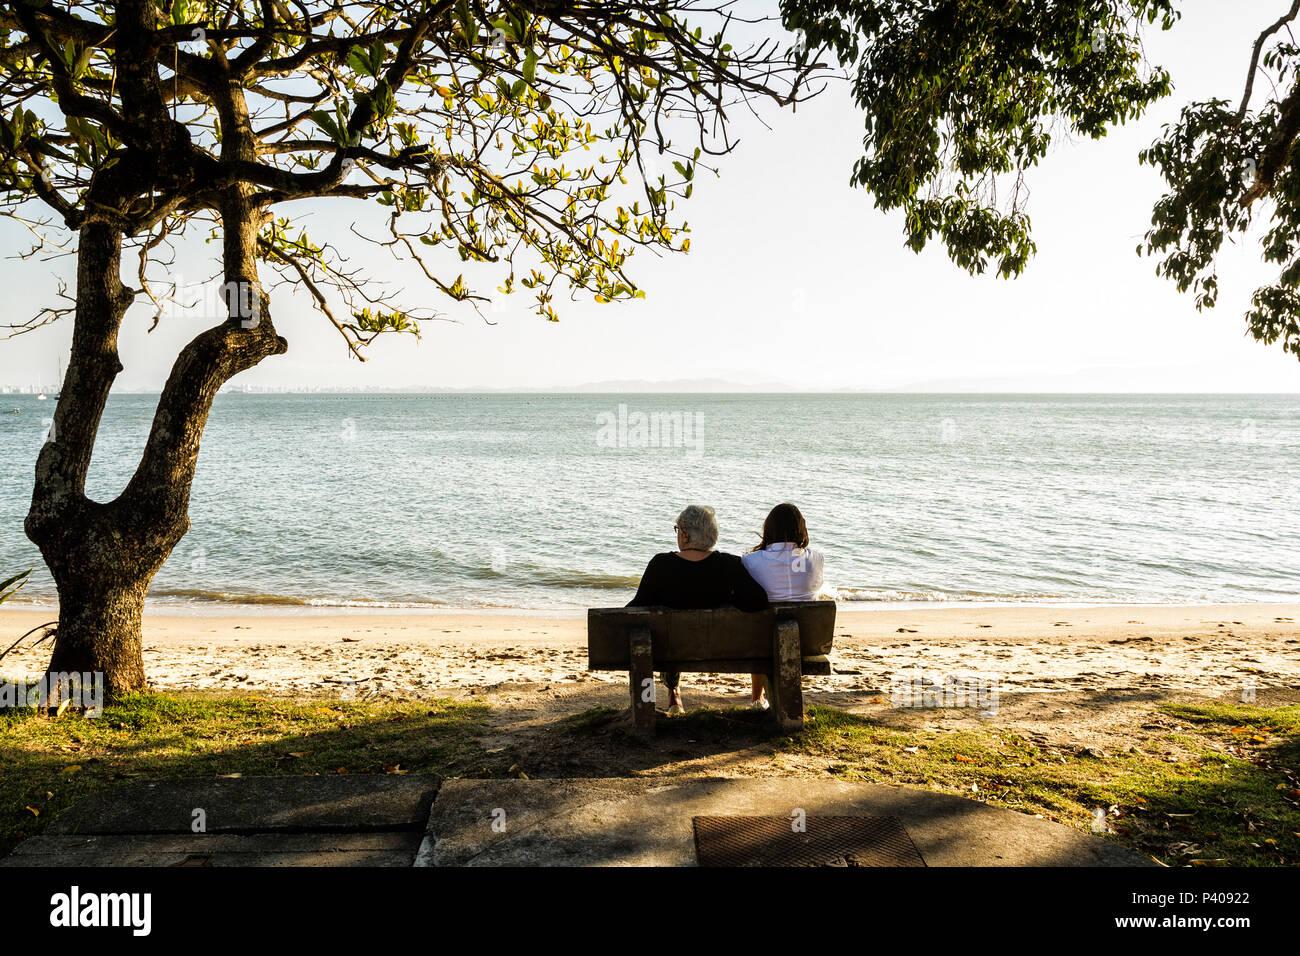 Mãe e filha sentadas em um banco na Praia de Santo Antonio de Lisboa. Florianópolis, Santa Catarina, Brasil. Stock Photo